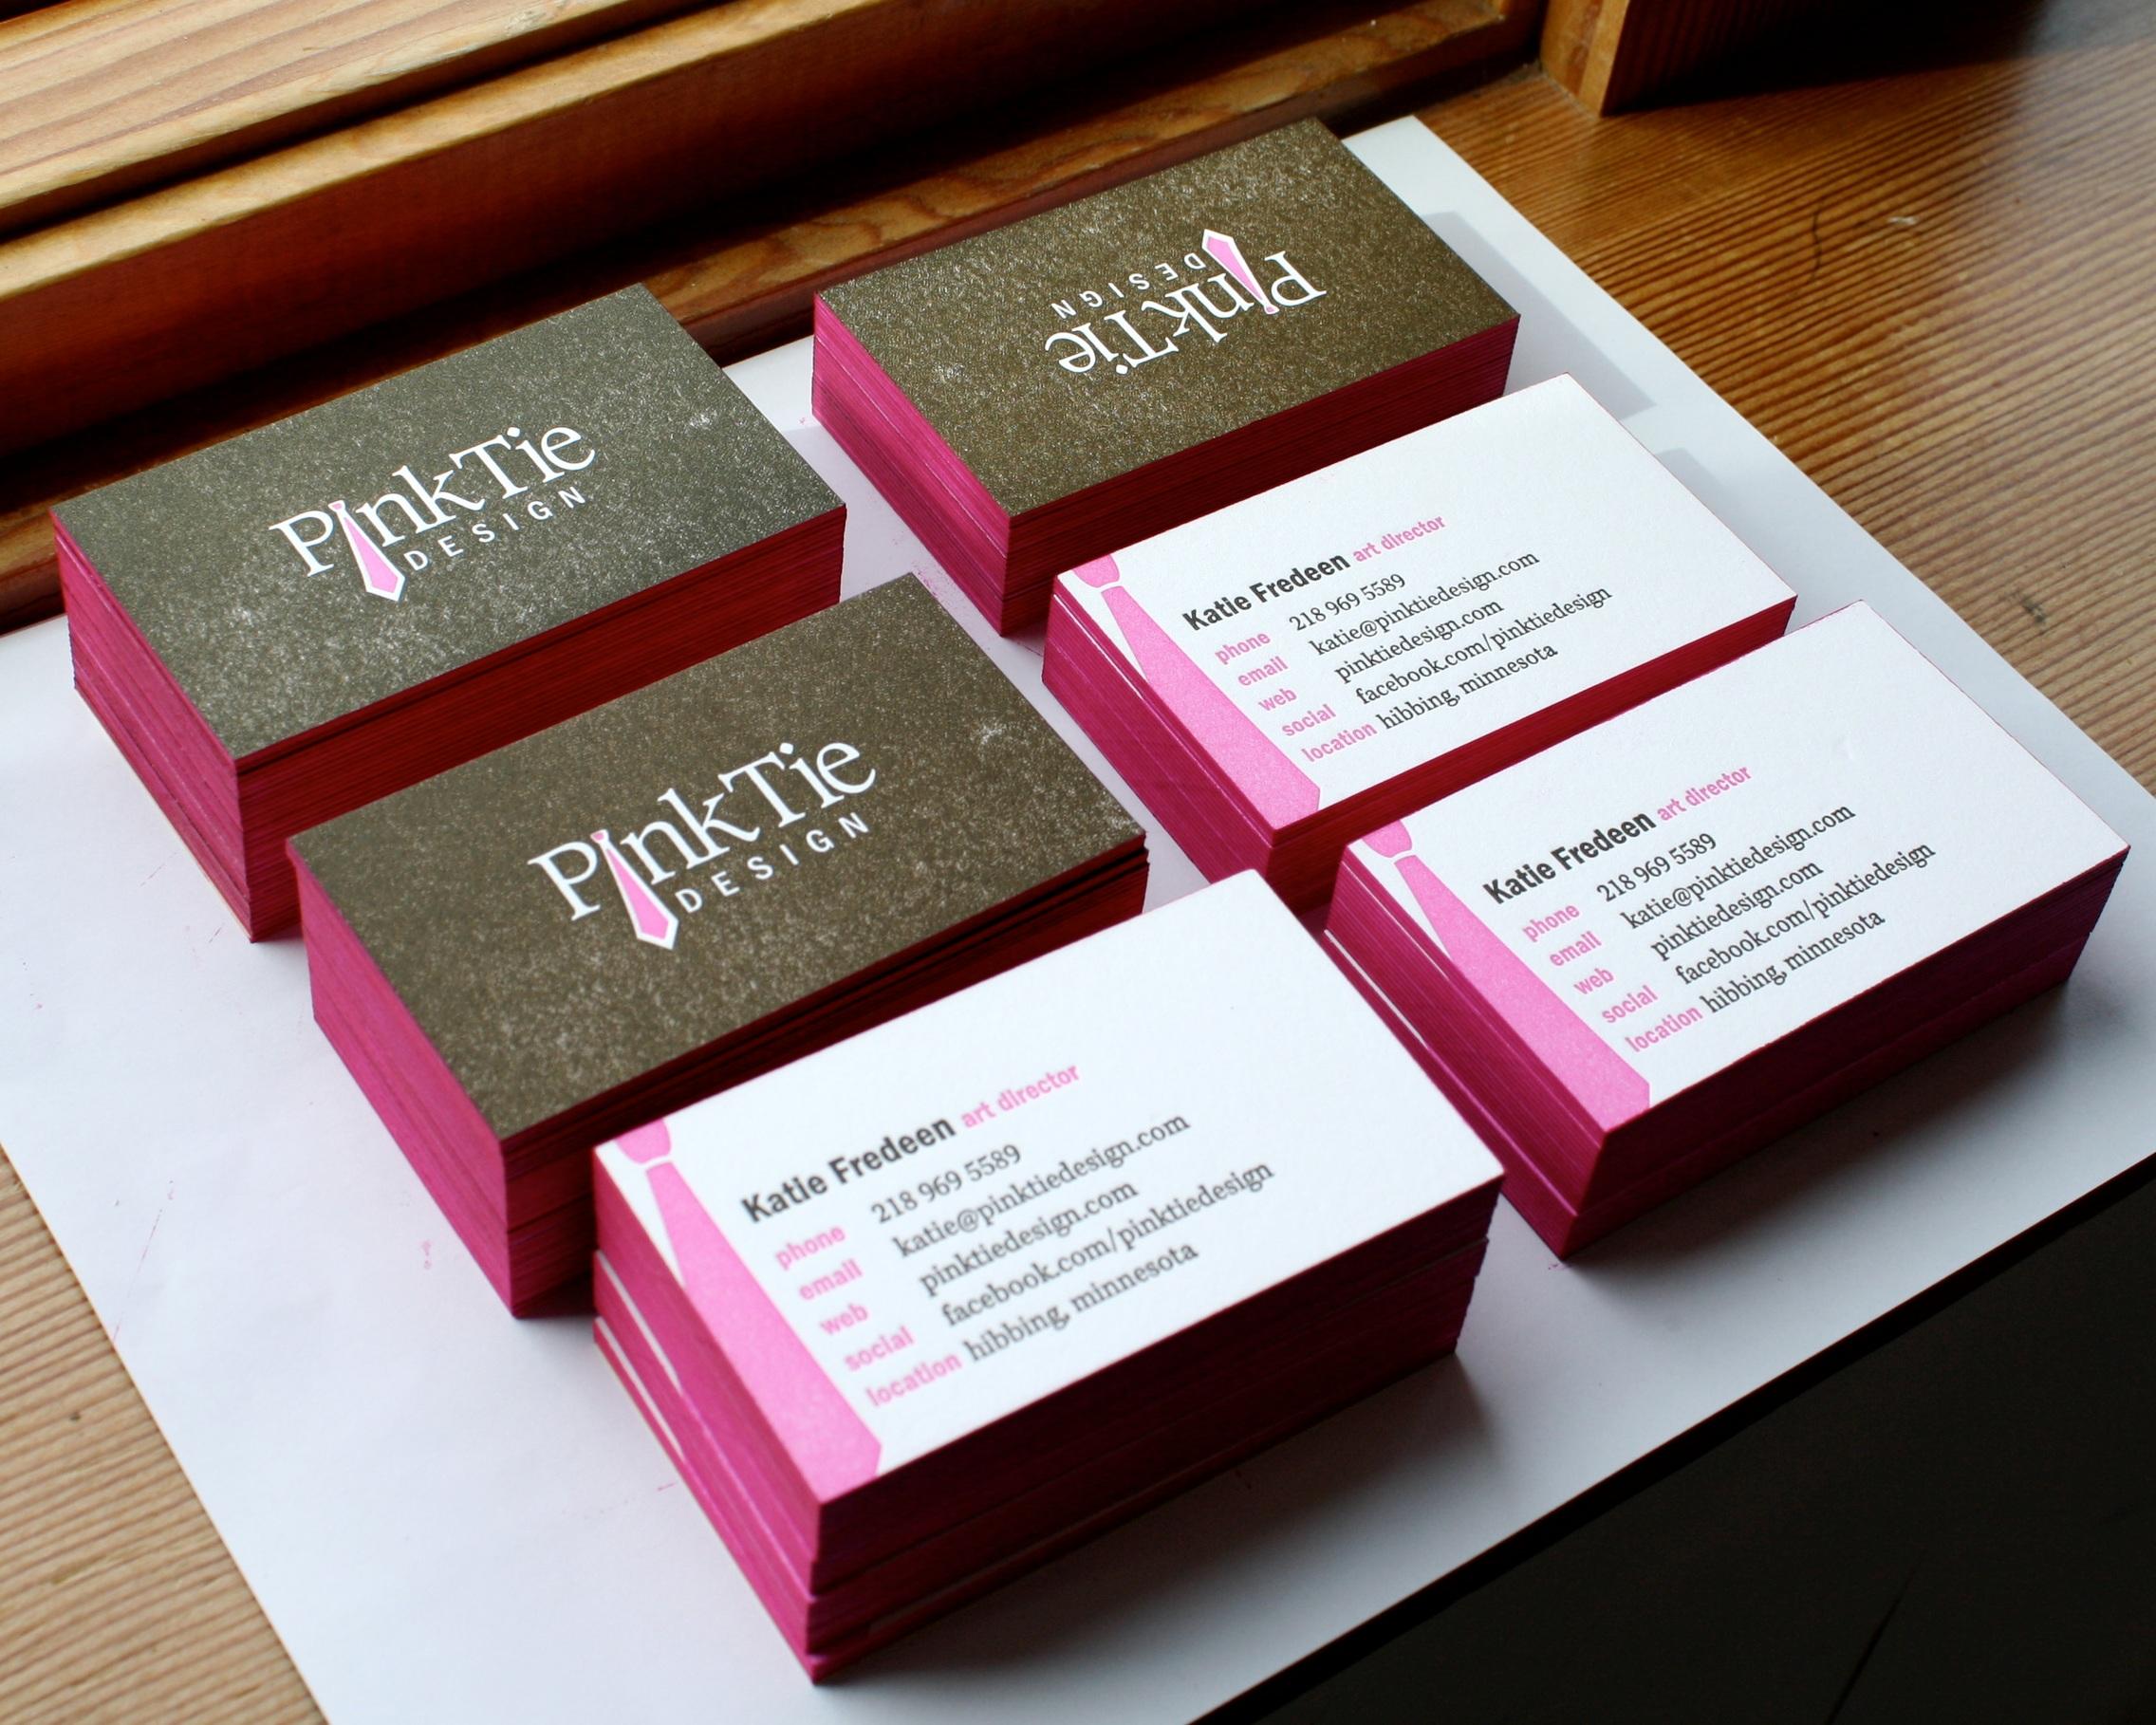 Design by Pink Tie